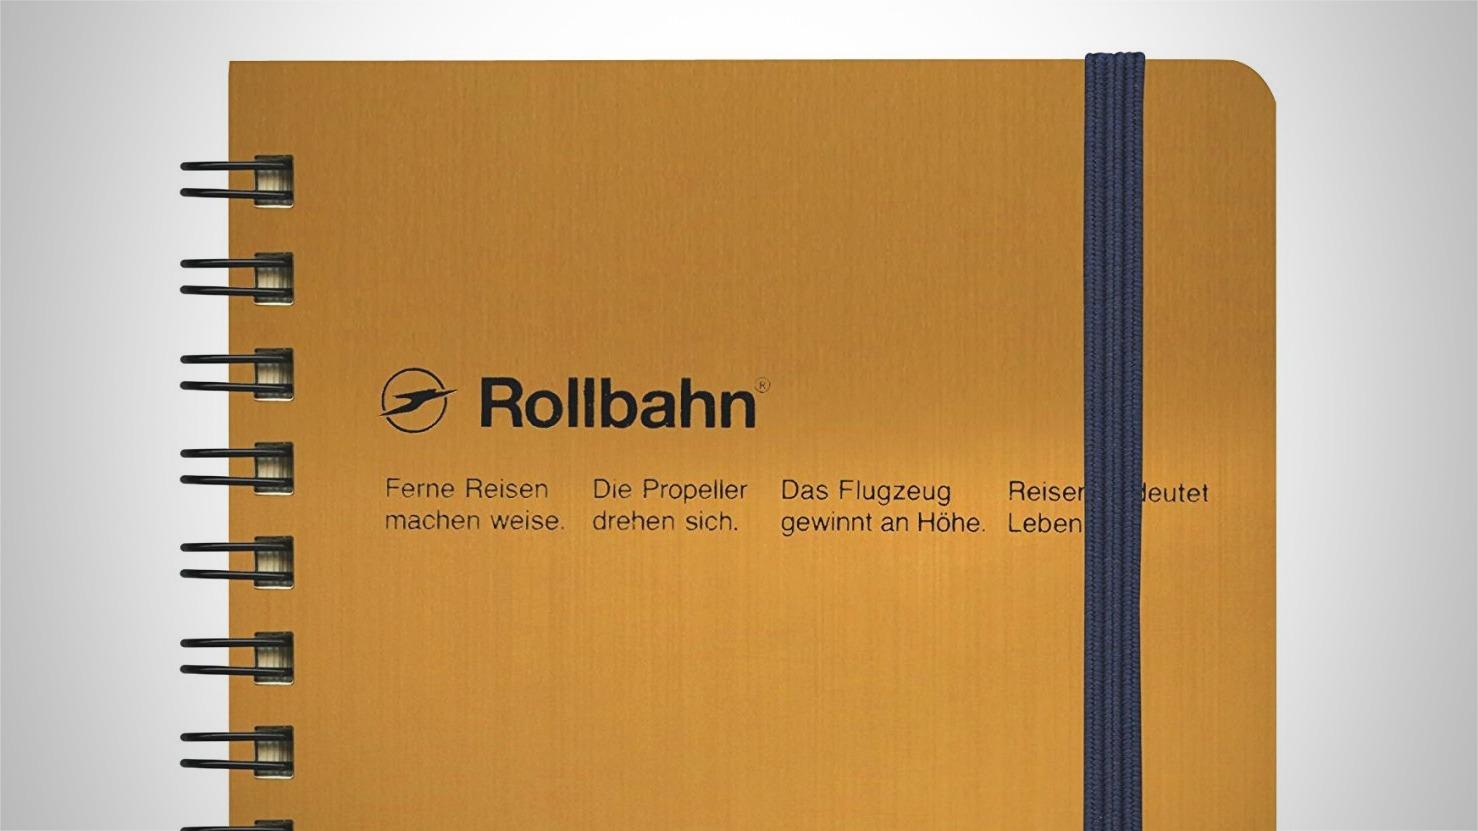 Rollbahn-Notebook